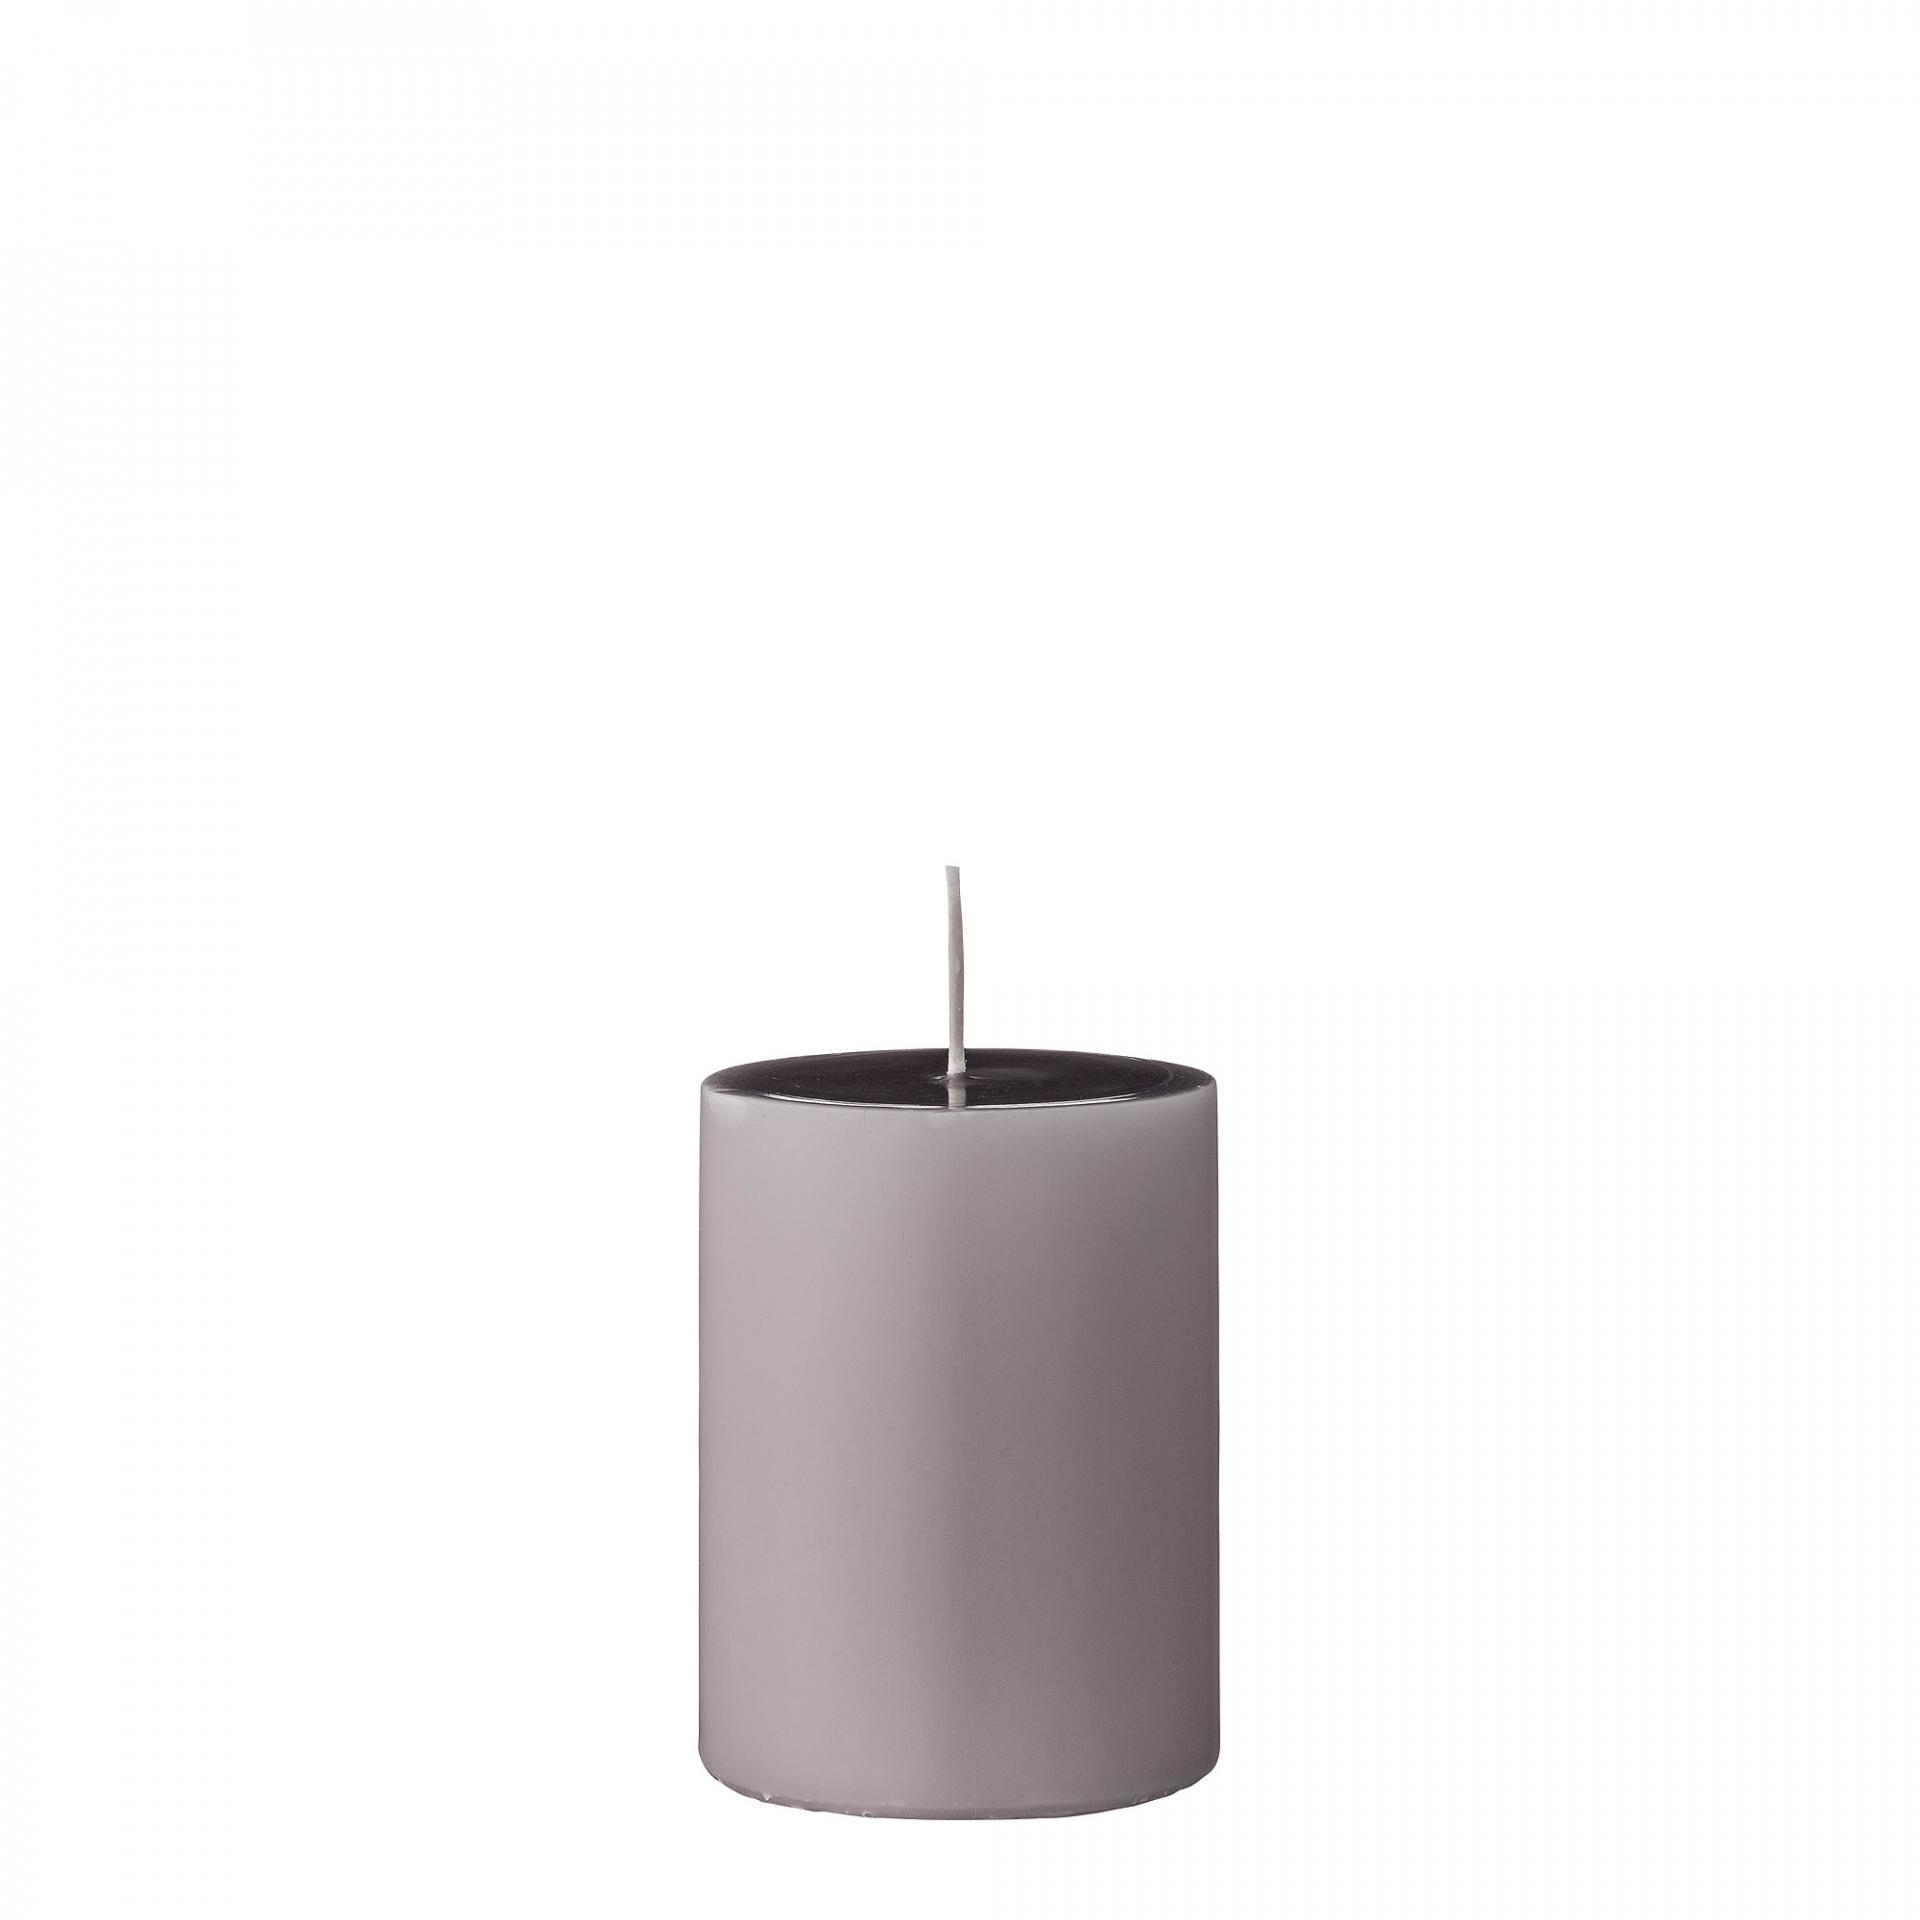 Bloomingville Svíčka Mauve 10 cm, fialová barva